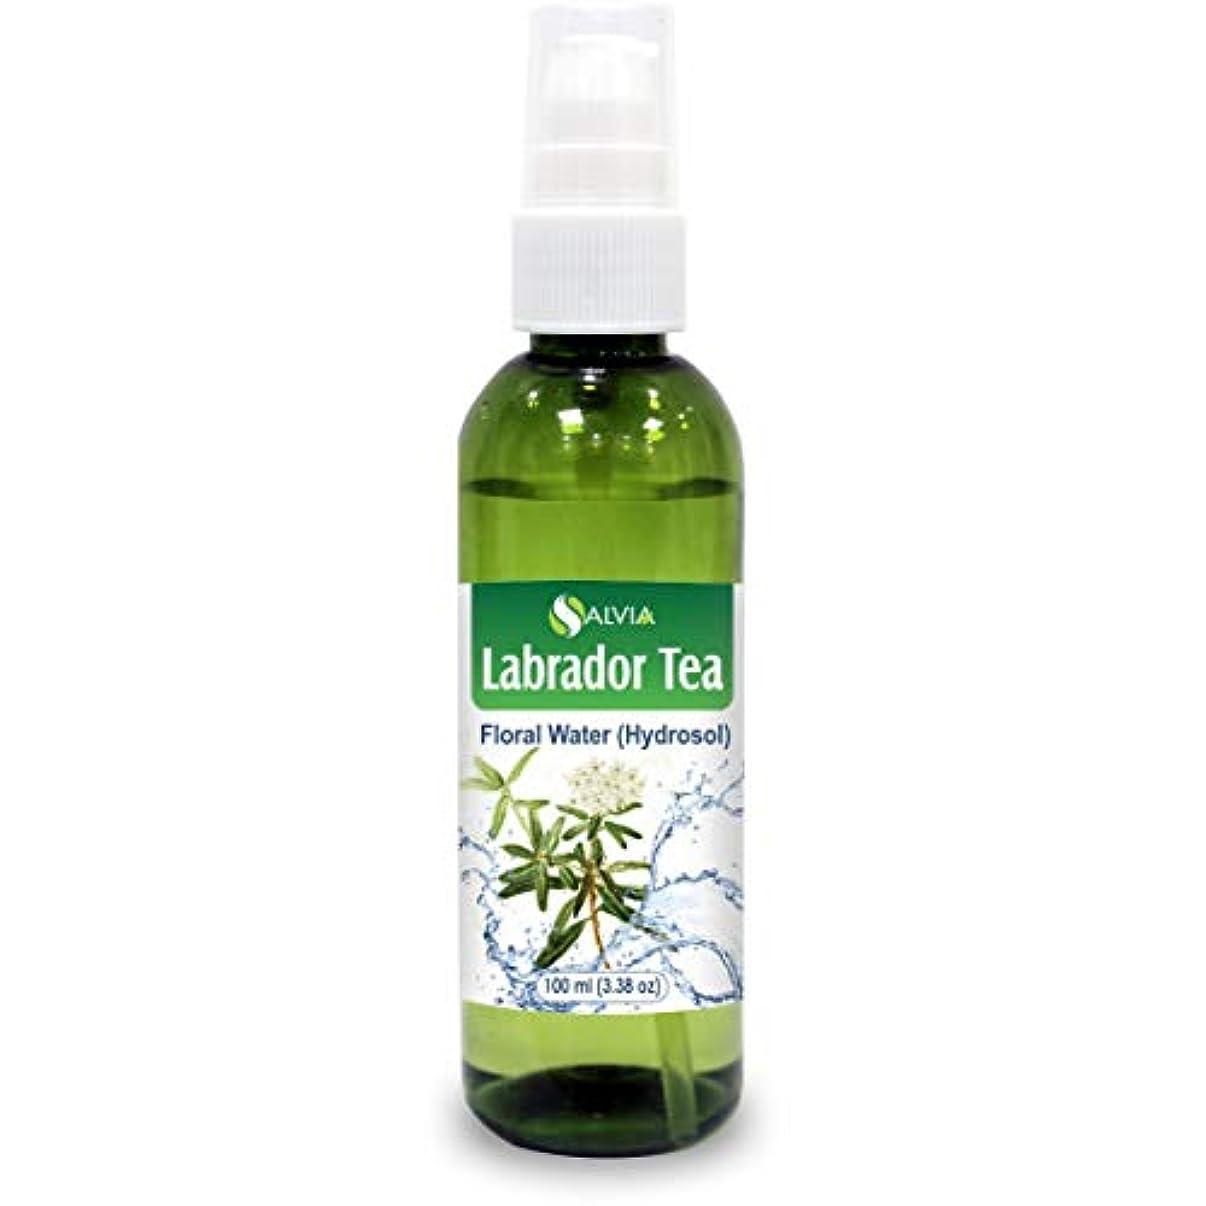 反逆エジプト交通渋滞Labrador Tea Floral Water 100ml (Hydrosol) 100% Pure And Natural